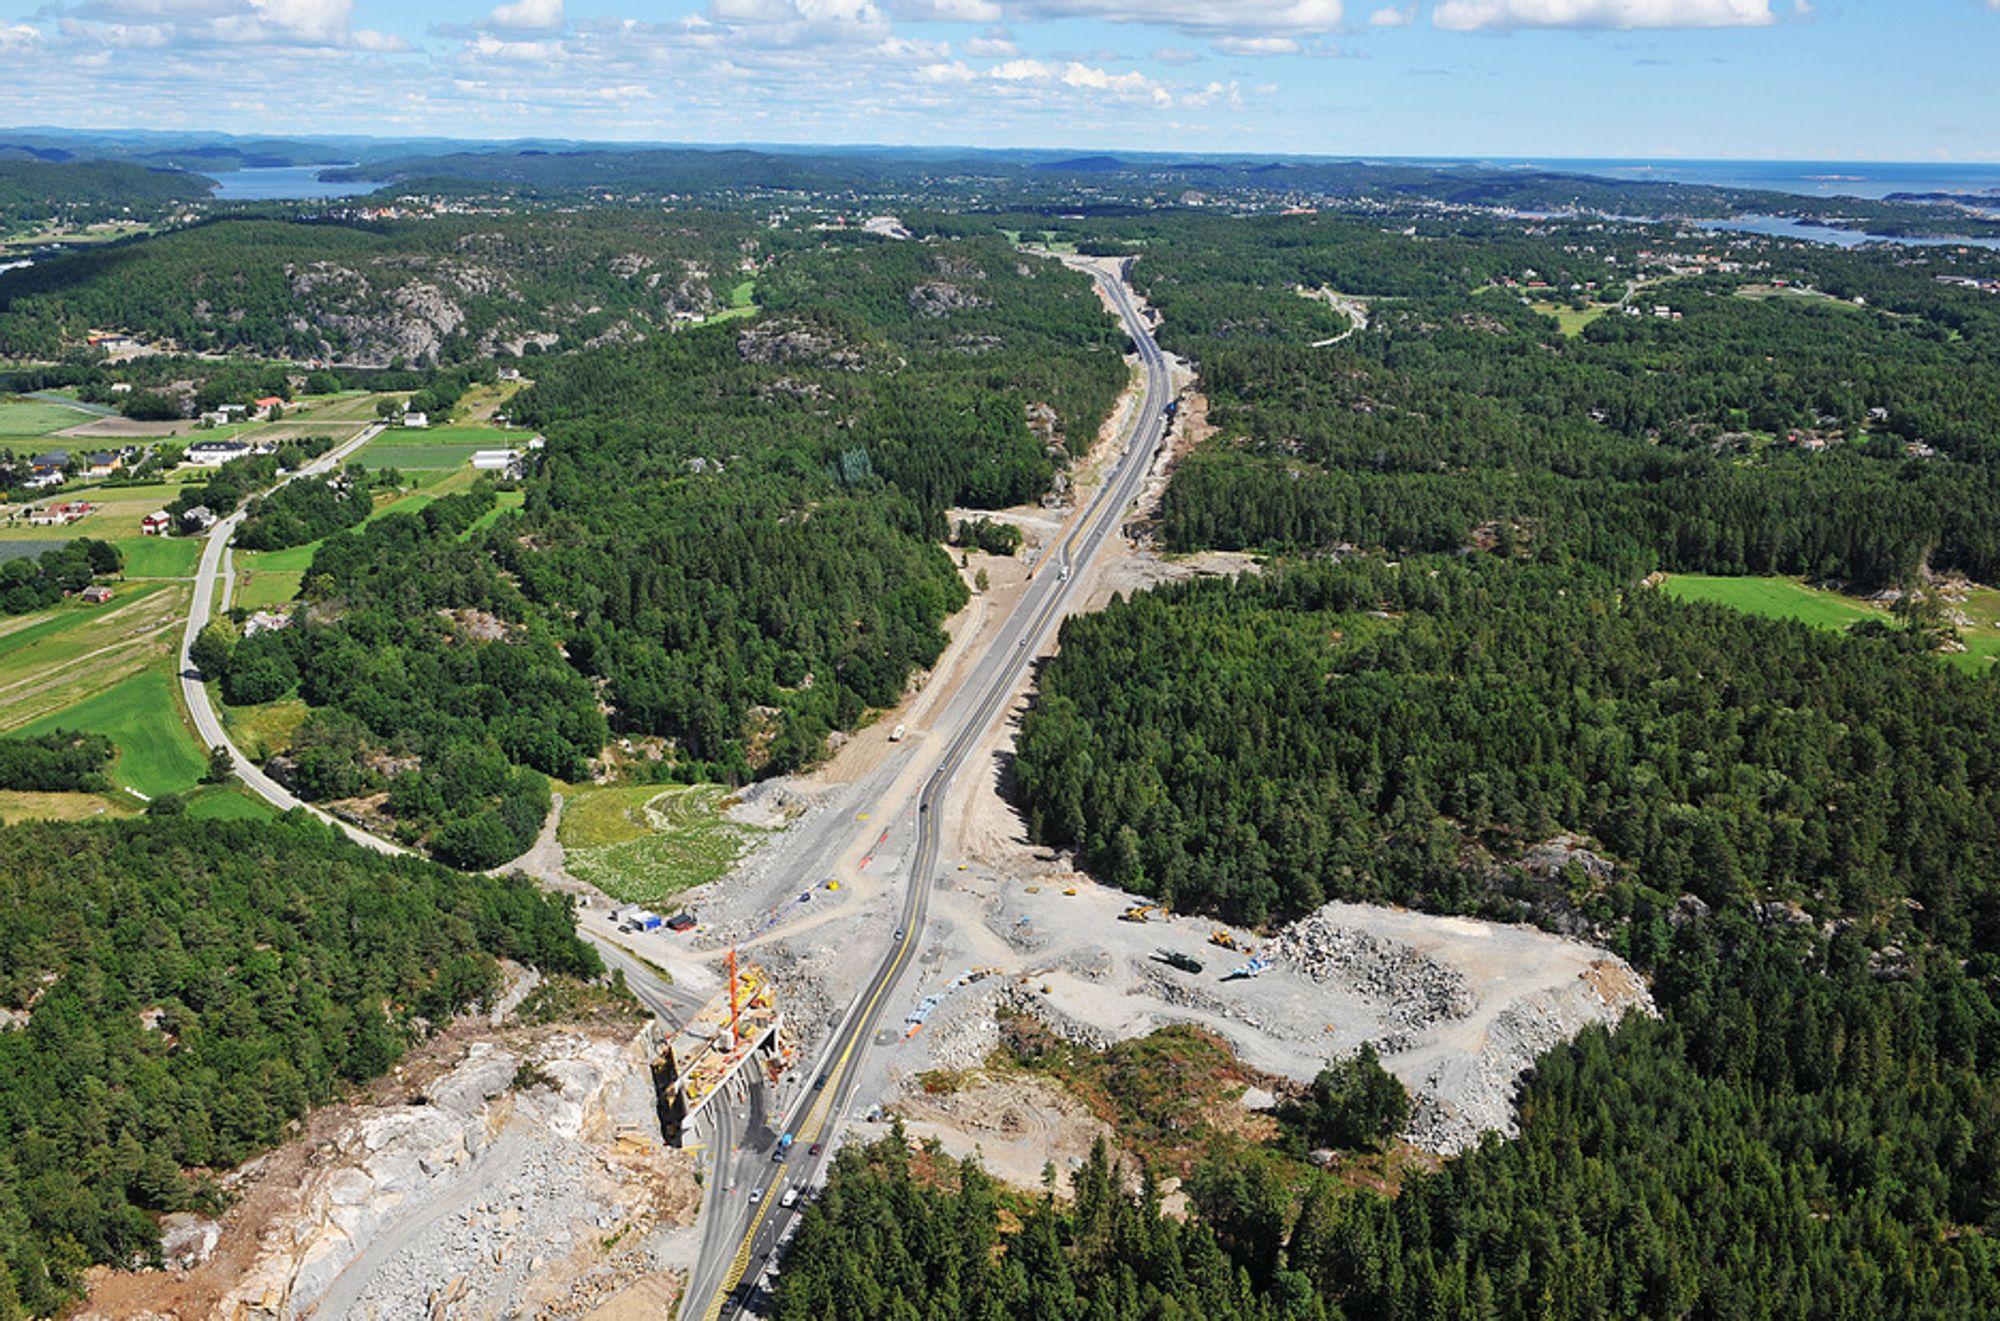 E18 mellom Grimstad og Kristiansand åpnes i dag. Den 38 kilometer lange strekningen ble bygget på 3 år, like lang tid som skal brukes på 11 kilometer i Vestfold og Telemark.